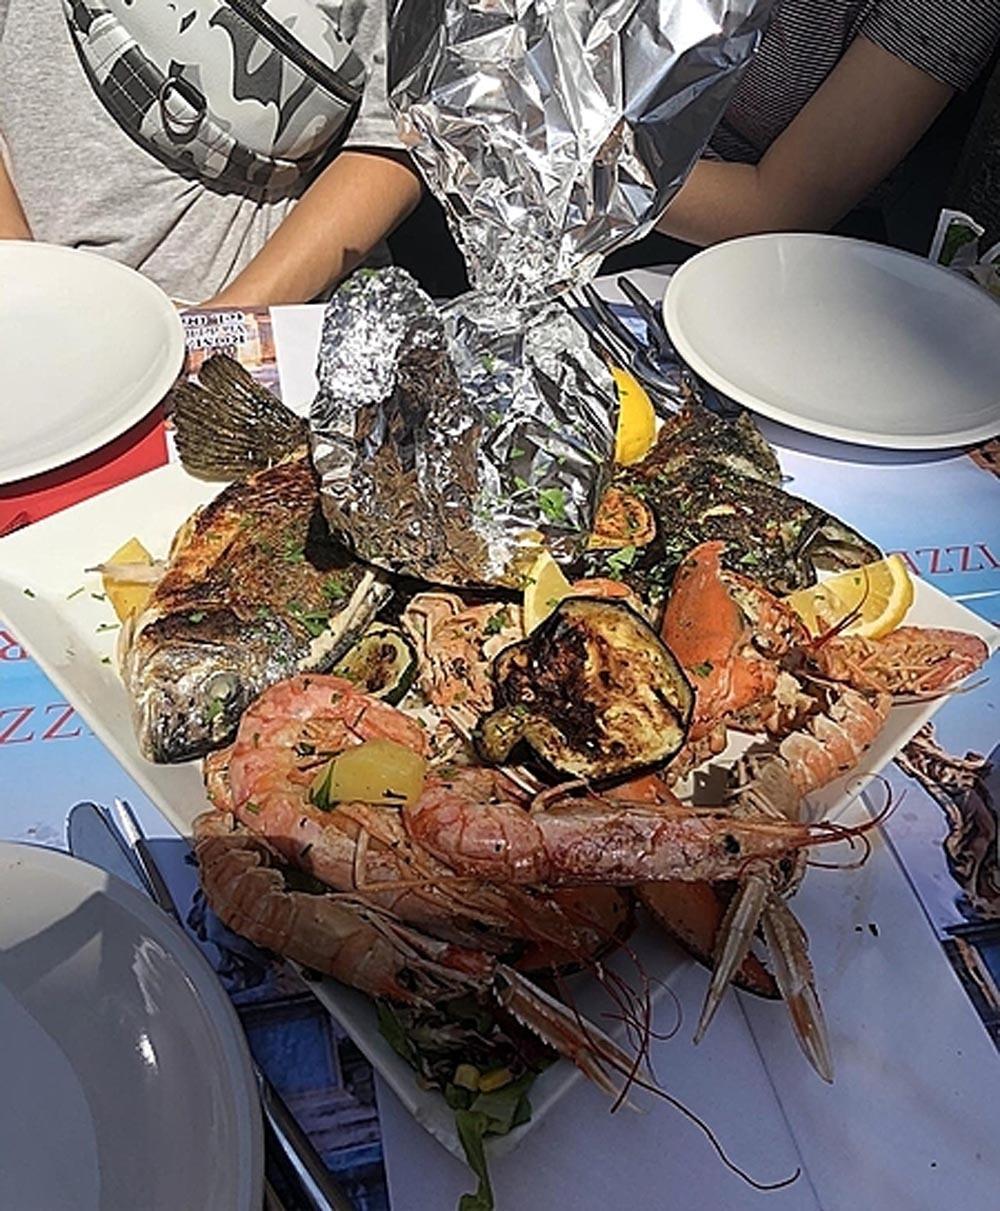 Thử 1 lạng , khách Việt bị nhà hàng ép trả tiền gần 5 kg hải sản - Ảnh 2